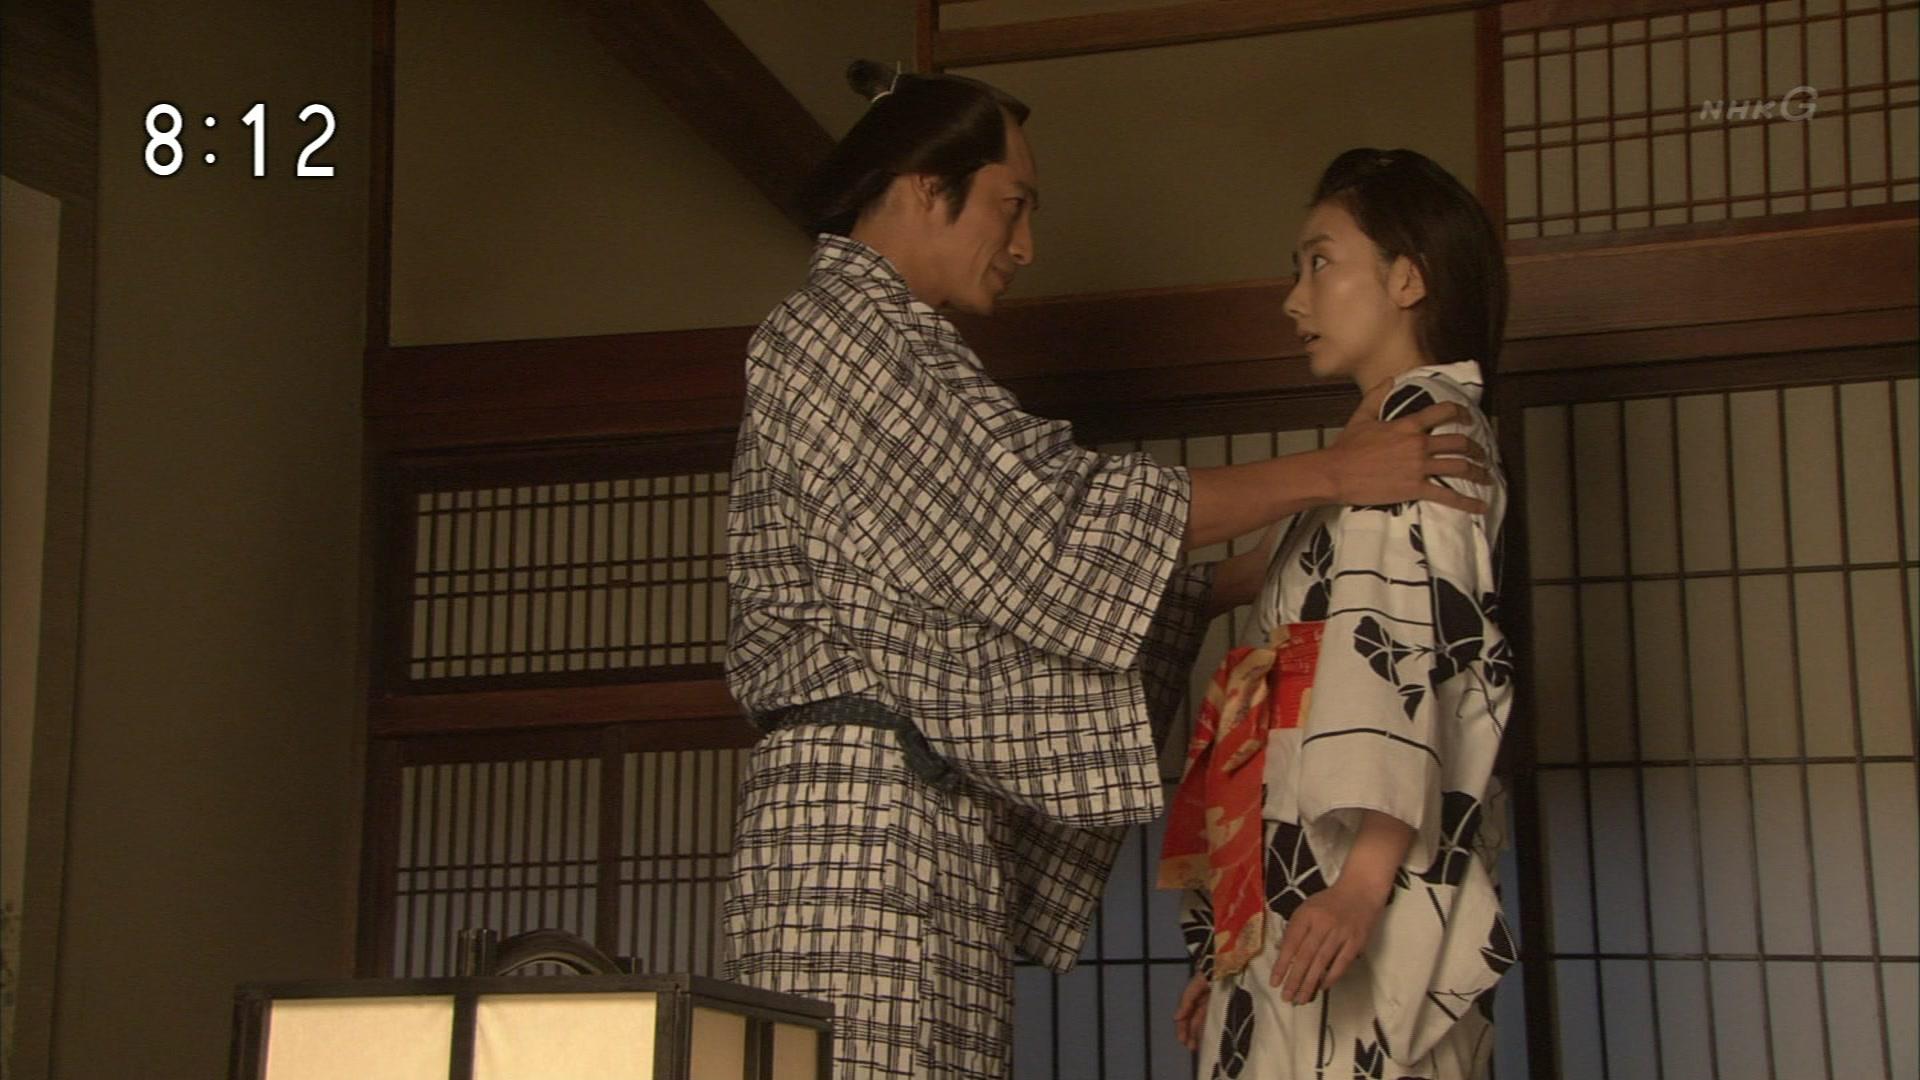 2015-10-12 08:00 連続テレビ小説 あさが来た(13)「新選組参上!」 2246